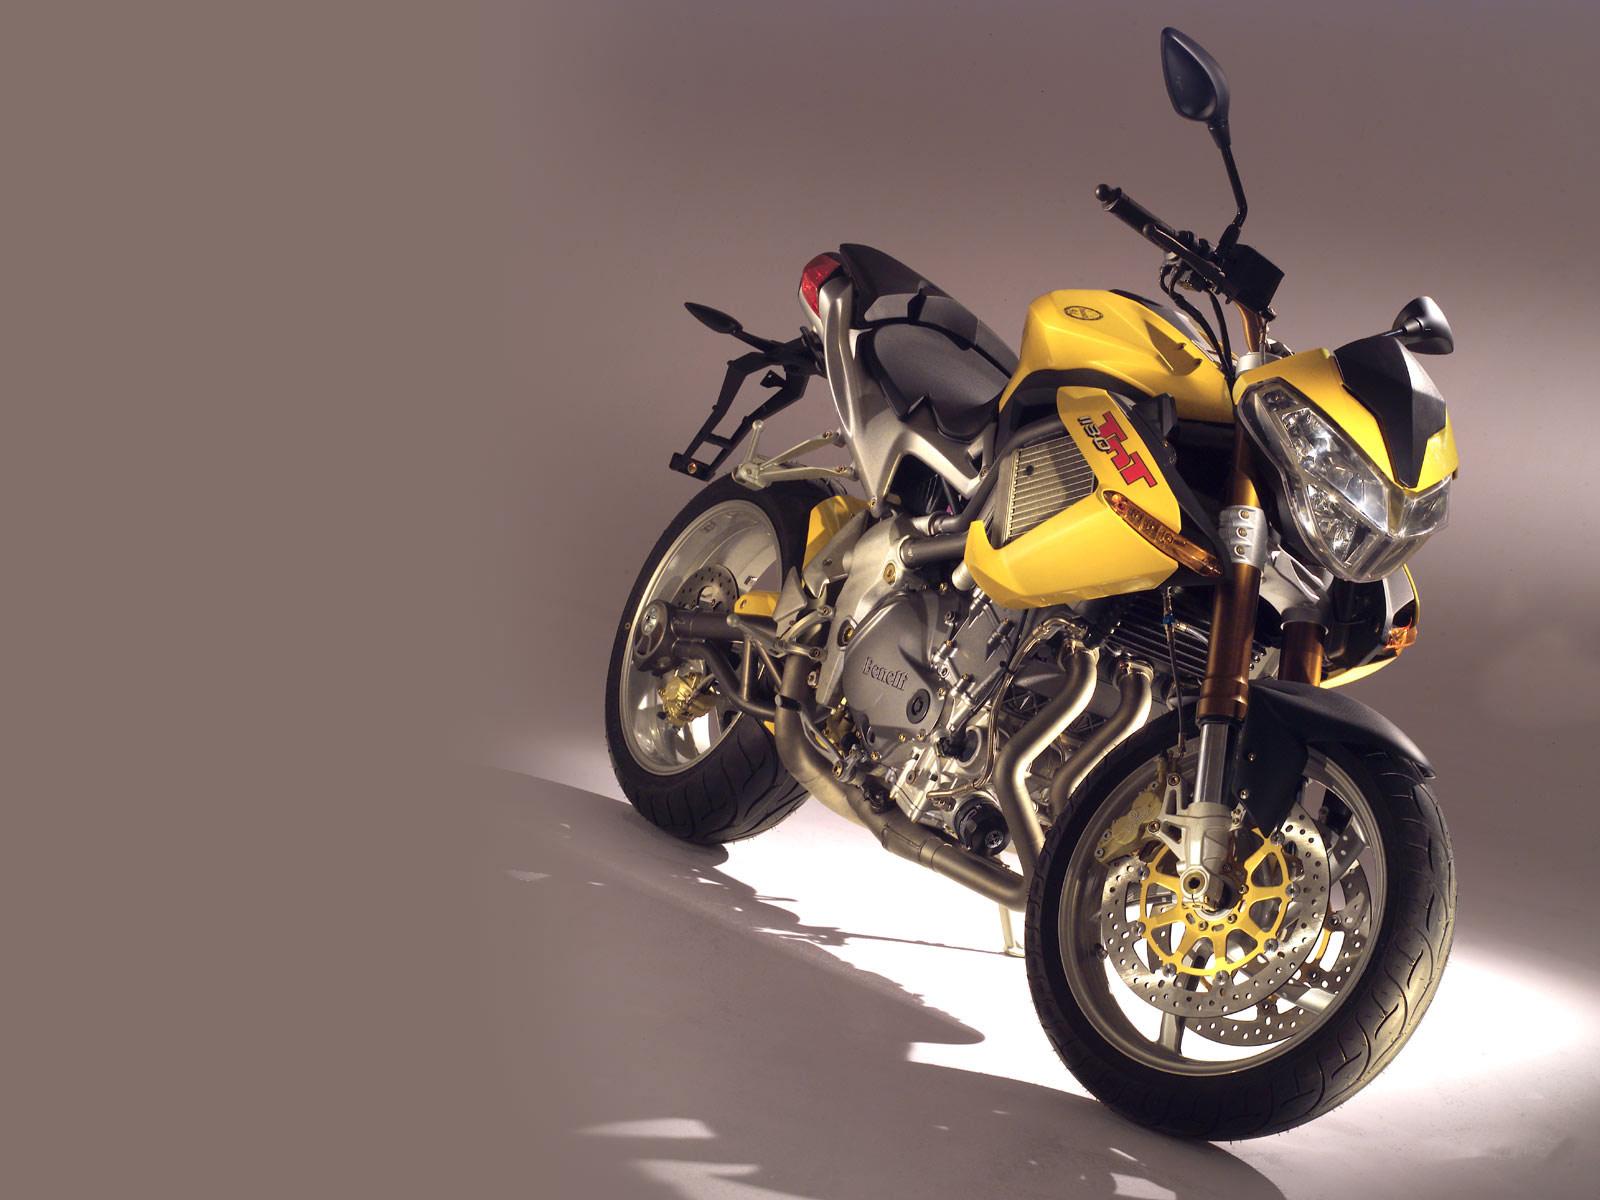 http://2.bp.blogspot.com/-sMh2nNqpGHc/Tr286qGoGHI/AAAAAAAADxQ/S5_jKzlVqAE/s1600/2005_Benelli-TNT-1130_motorcycle-desktop-wallpaper_09.jpg